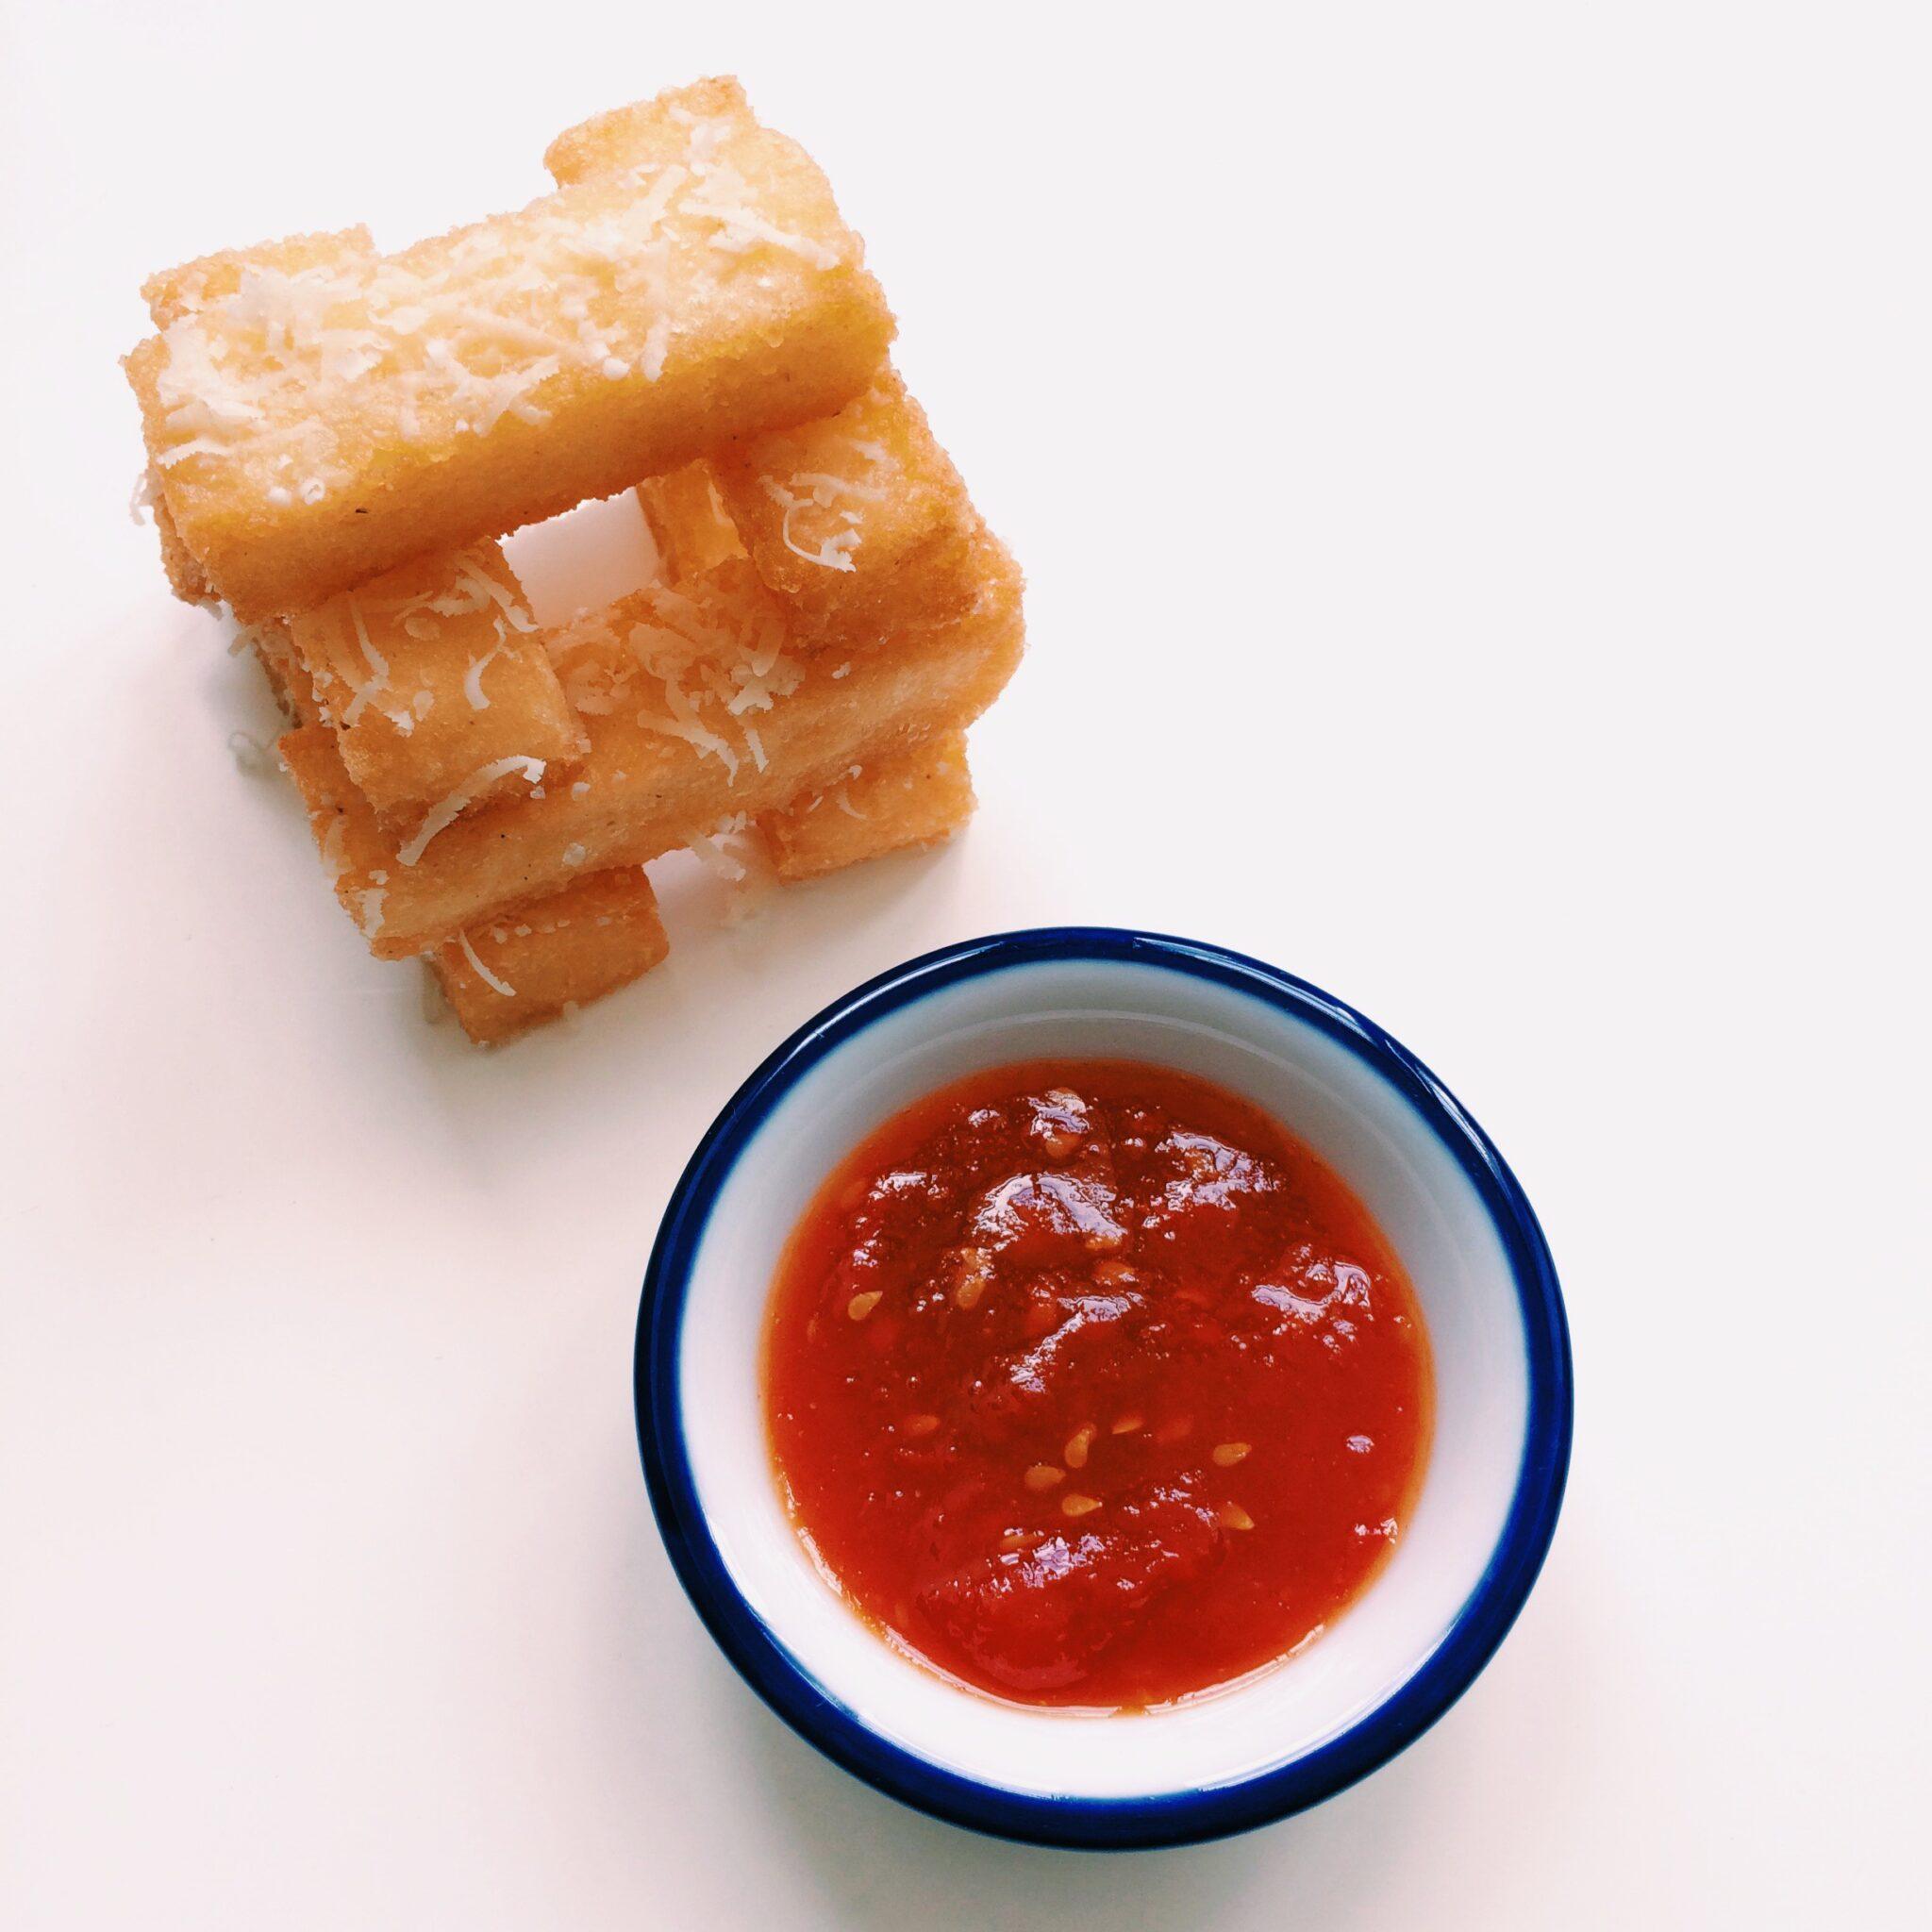 IMG 0507 e1406269998217 - Dushi Fried Funchi with Tomato Marmelade